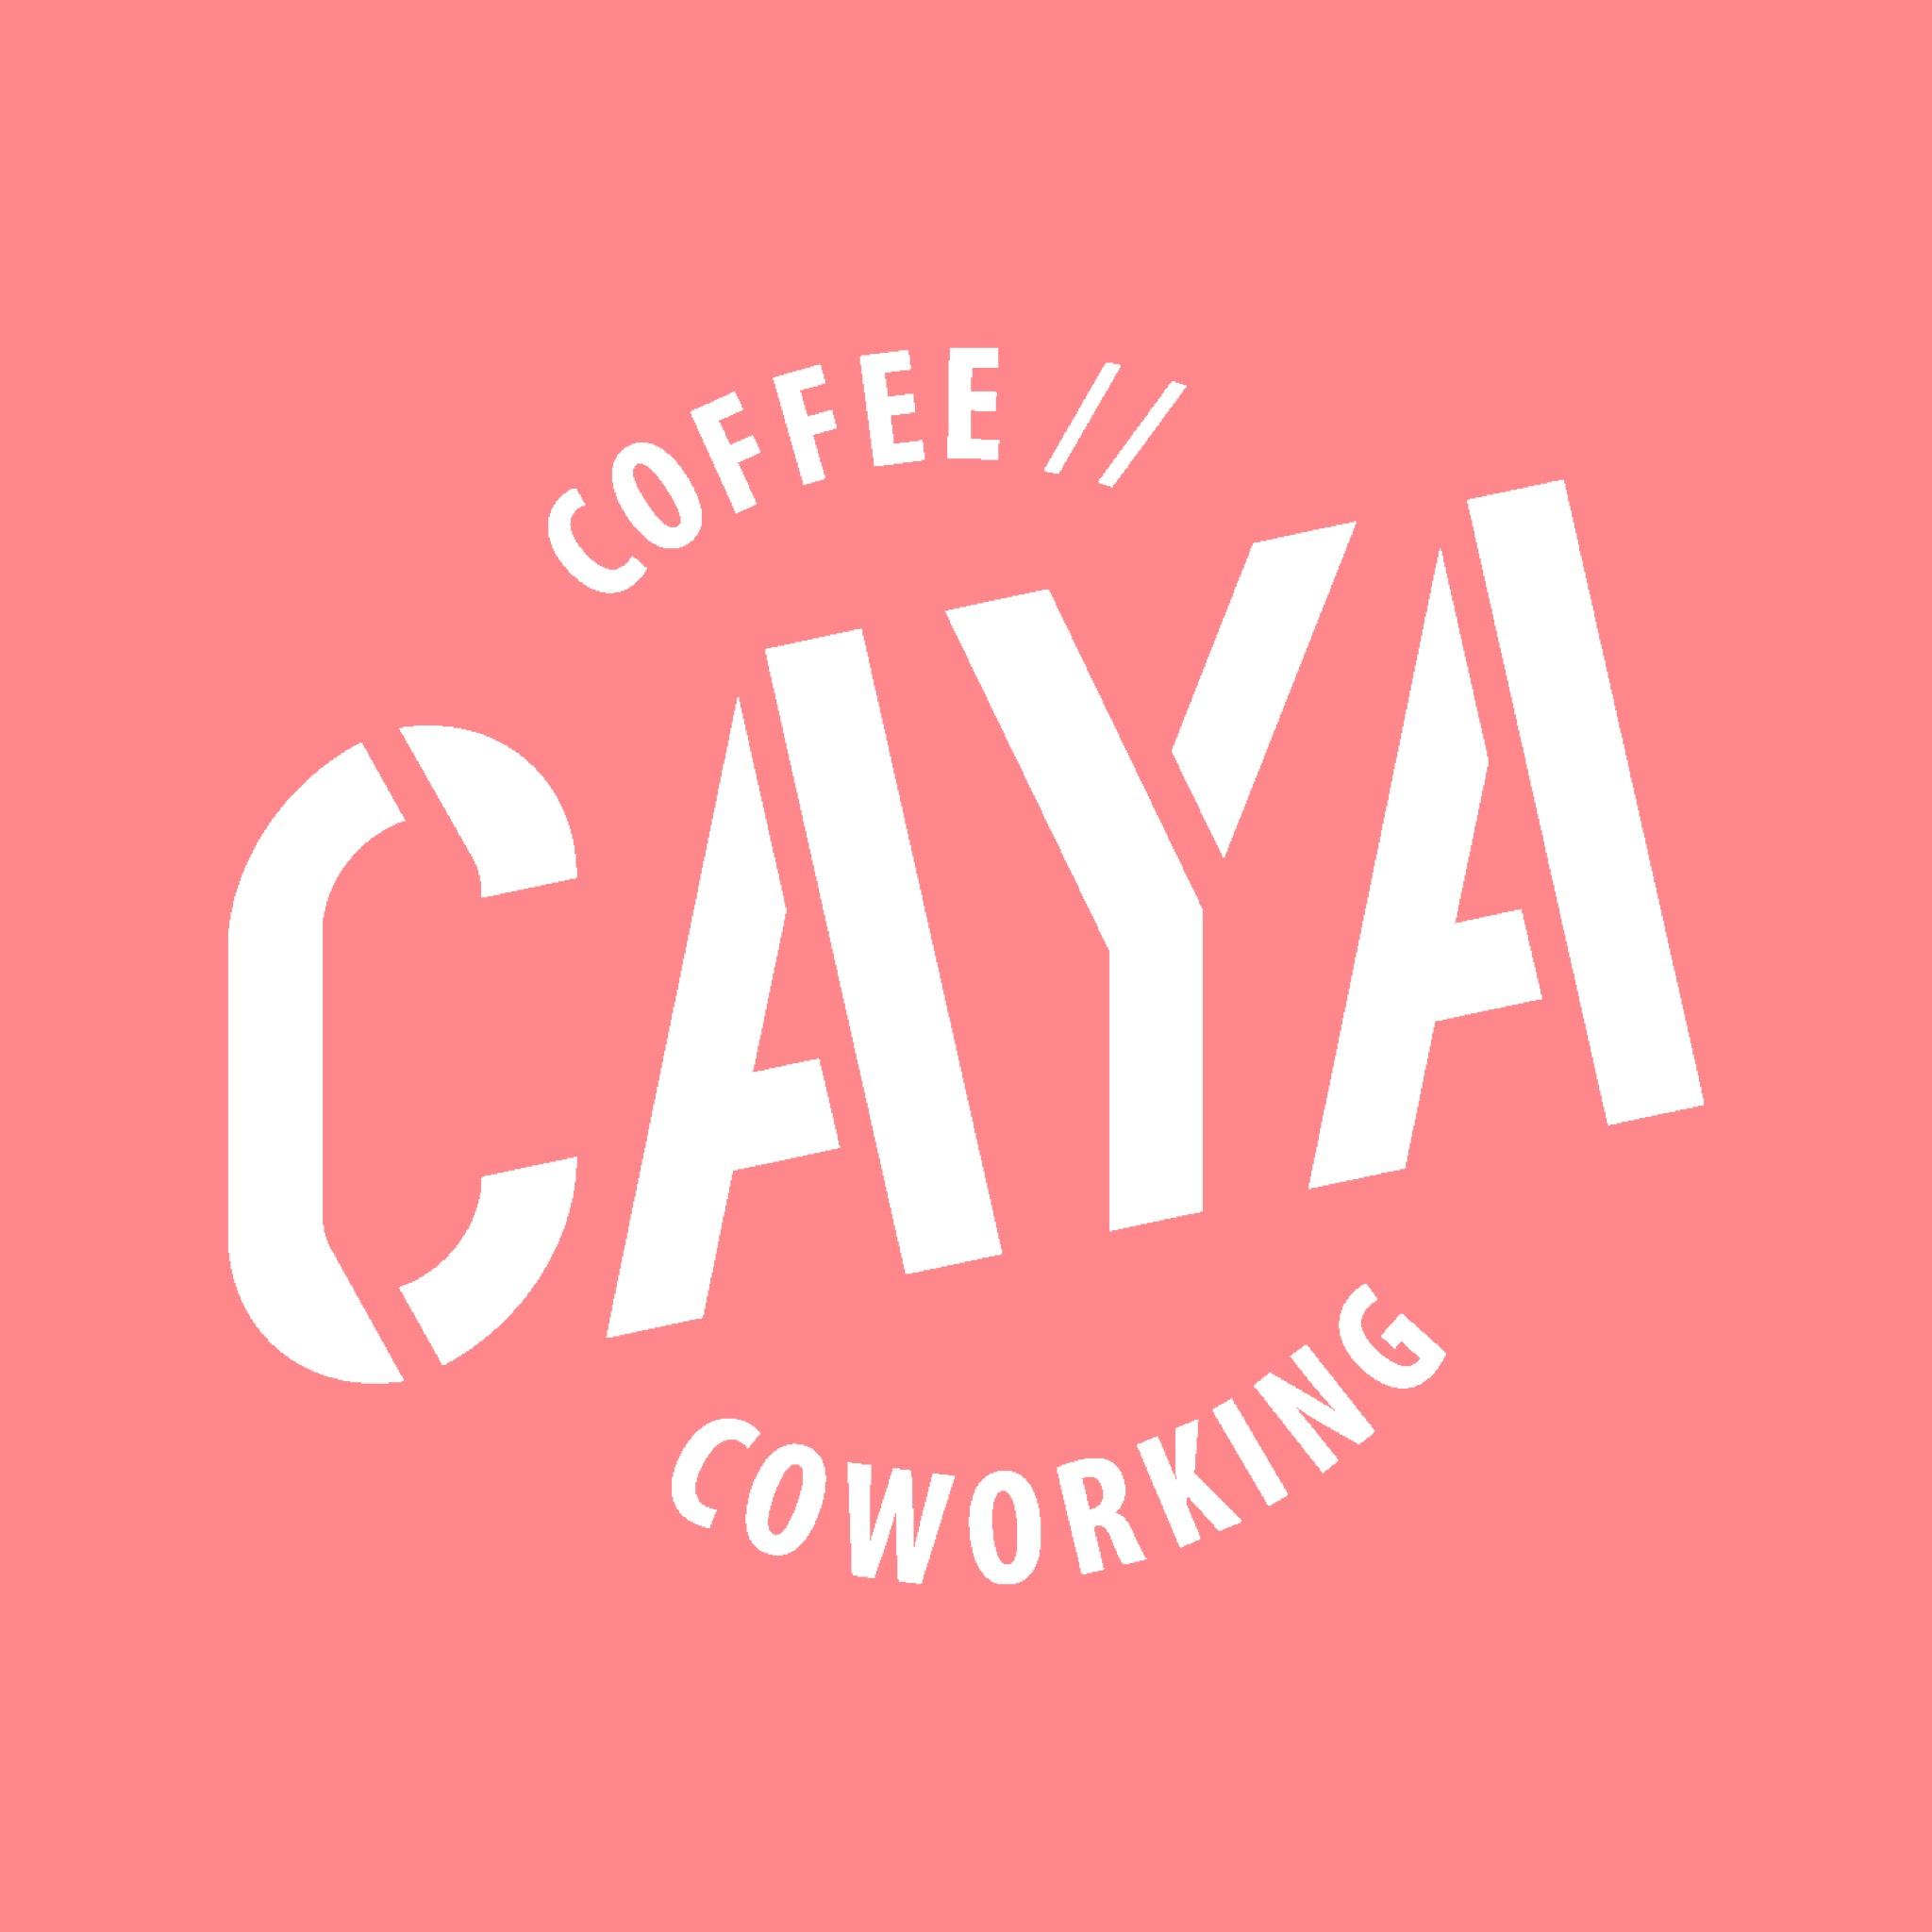 CAYA LTD